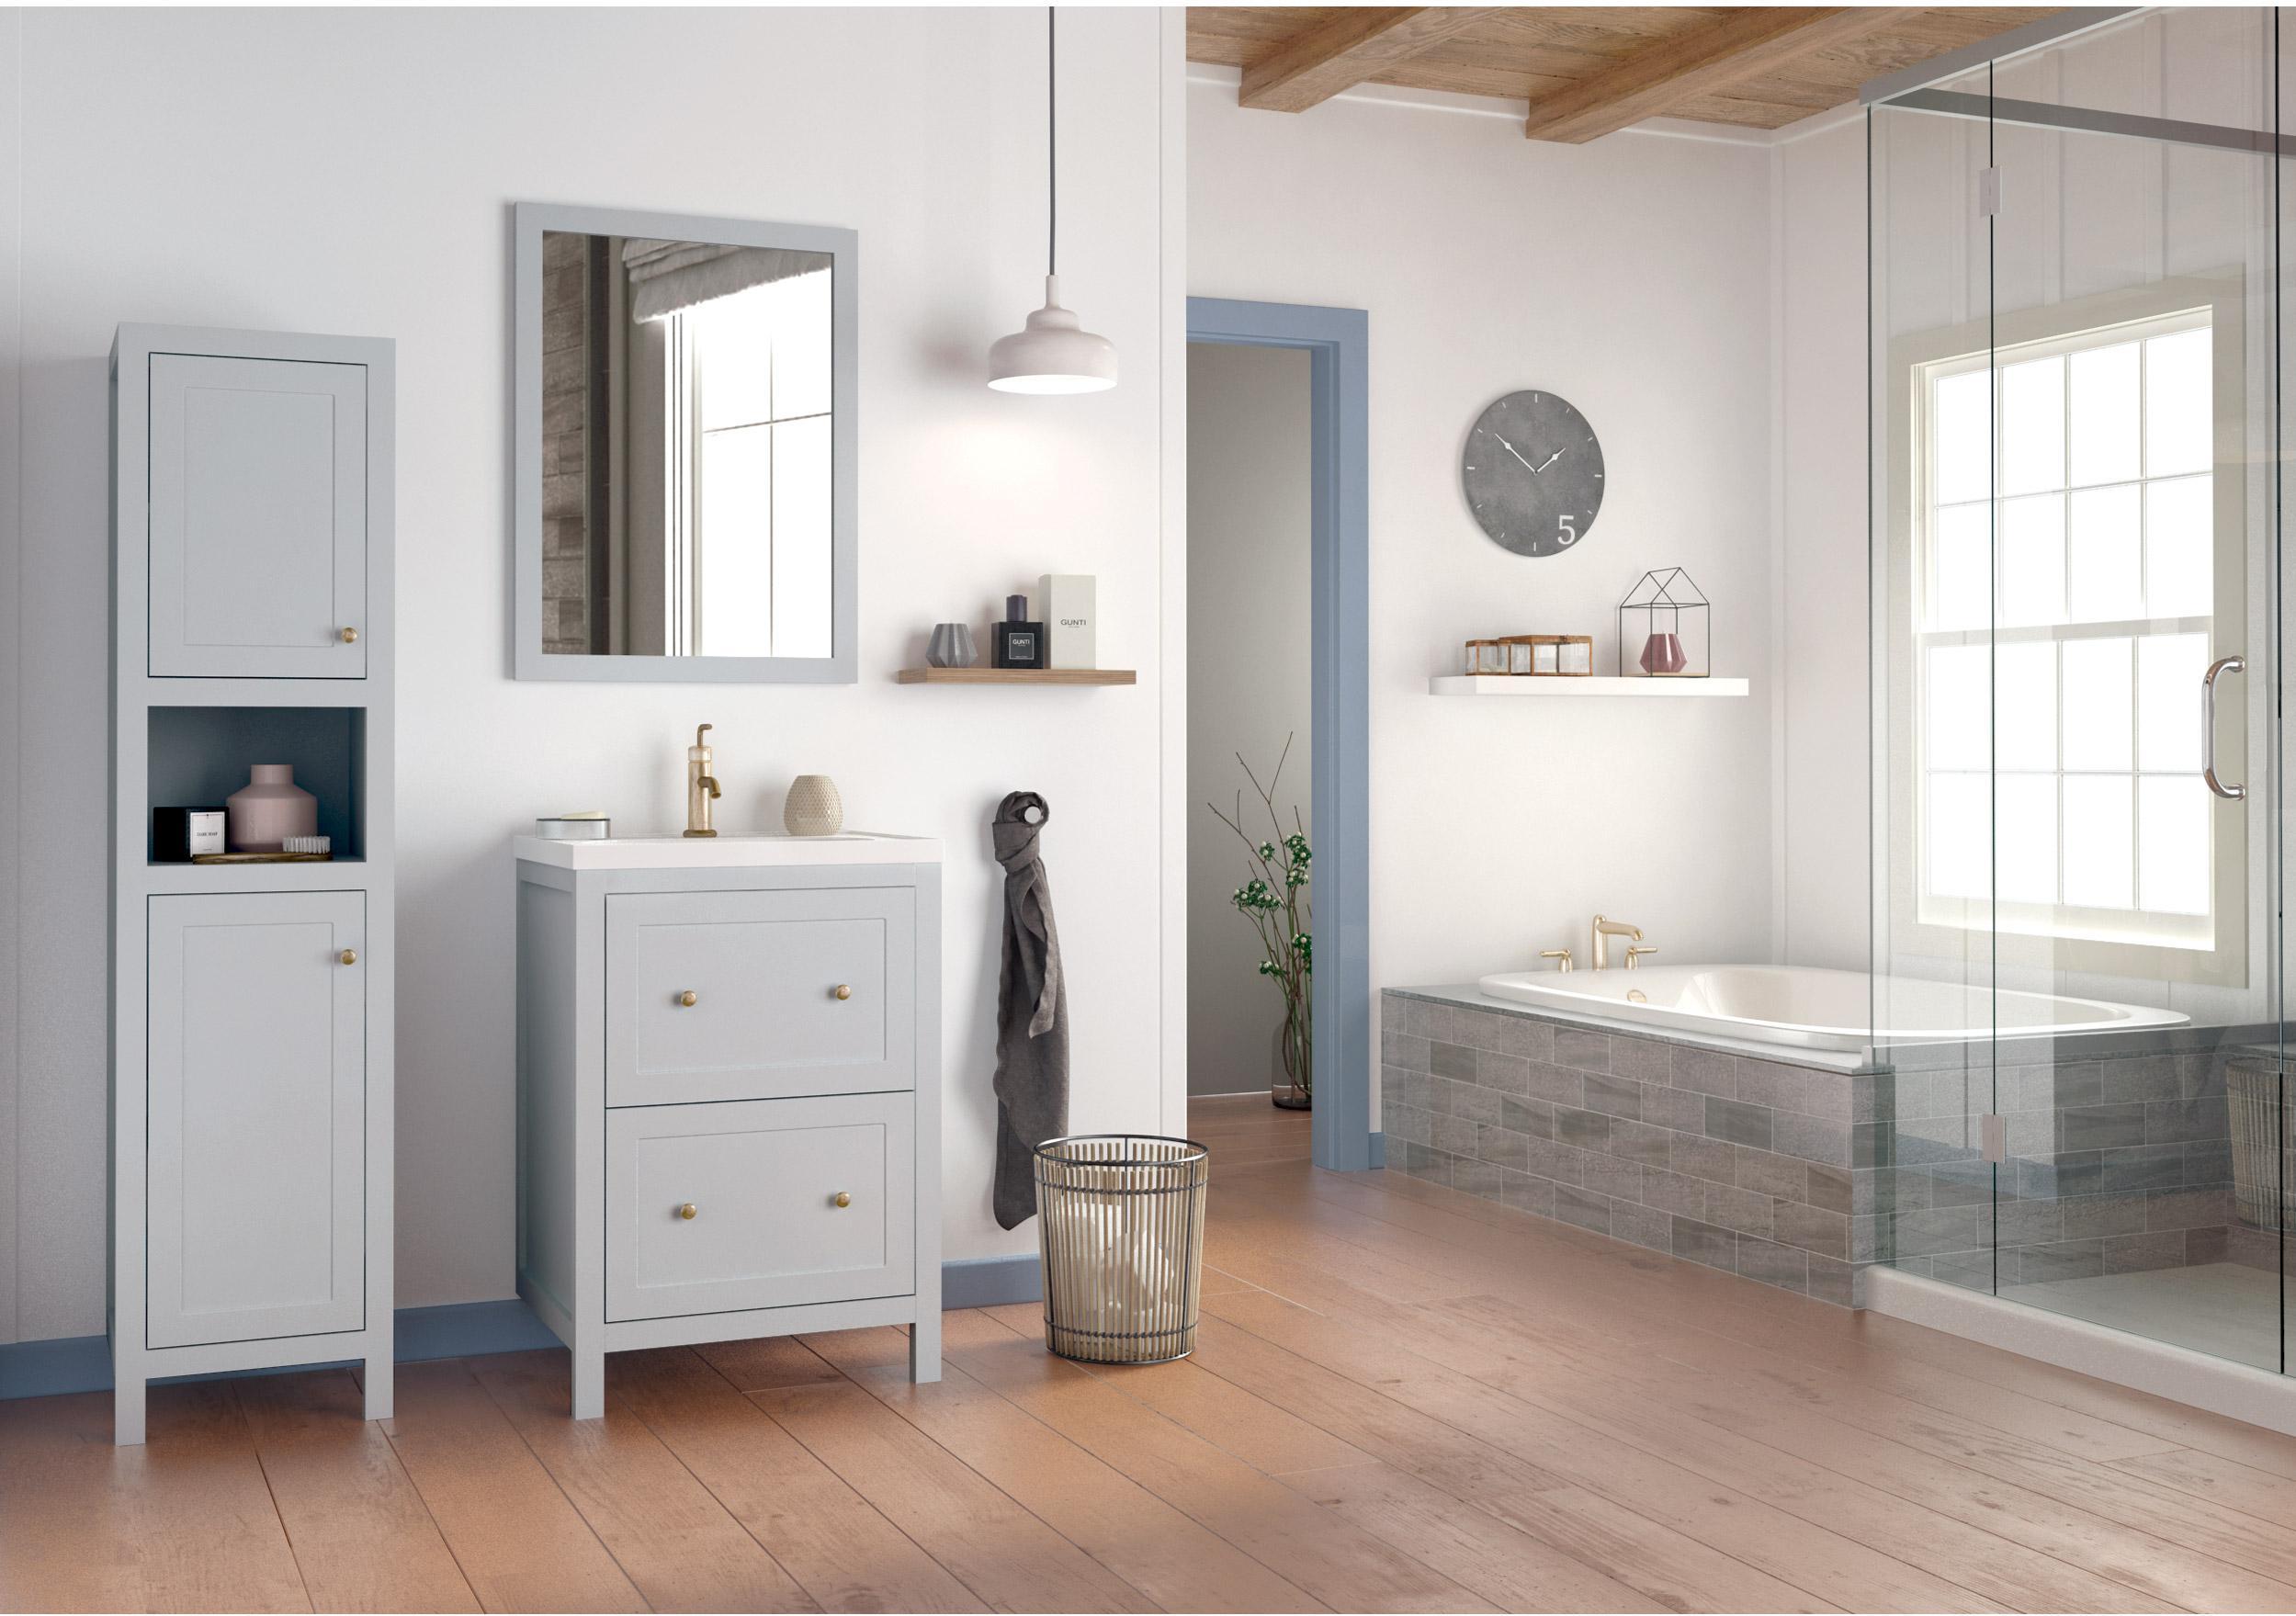 Meuble de salle de bains l.59.6 x H.85 x P.46 cm, gris, Charm